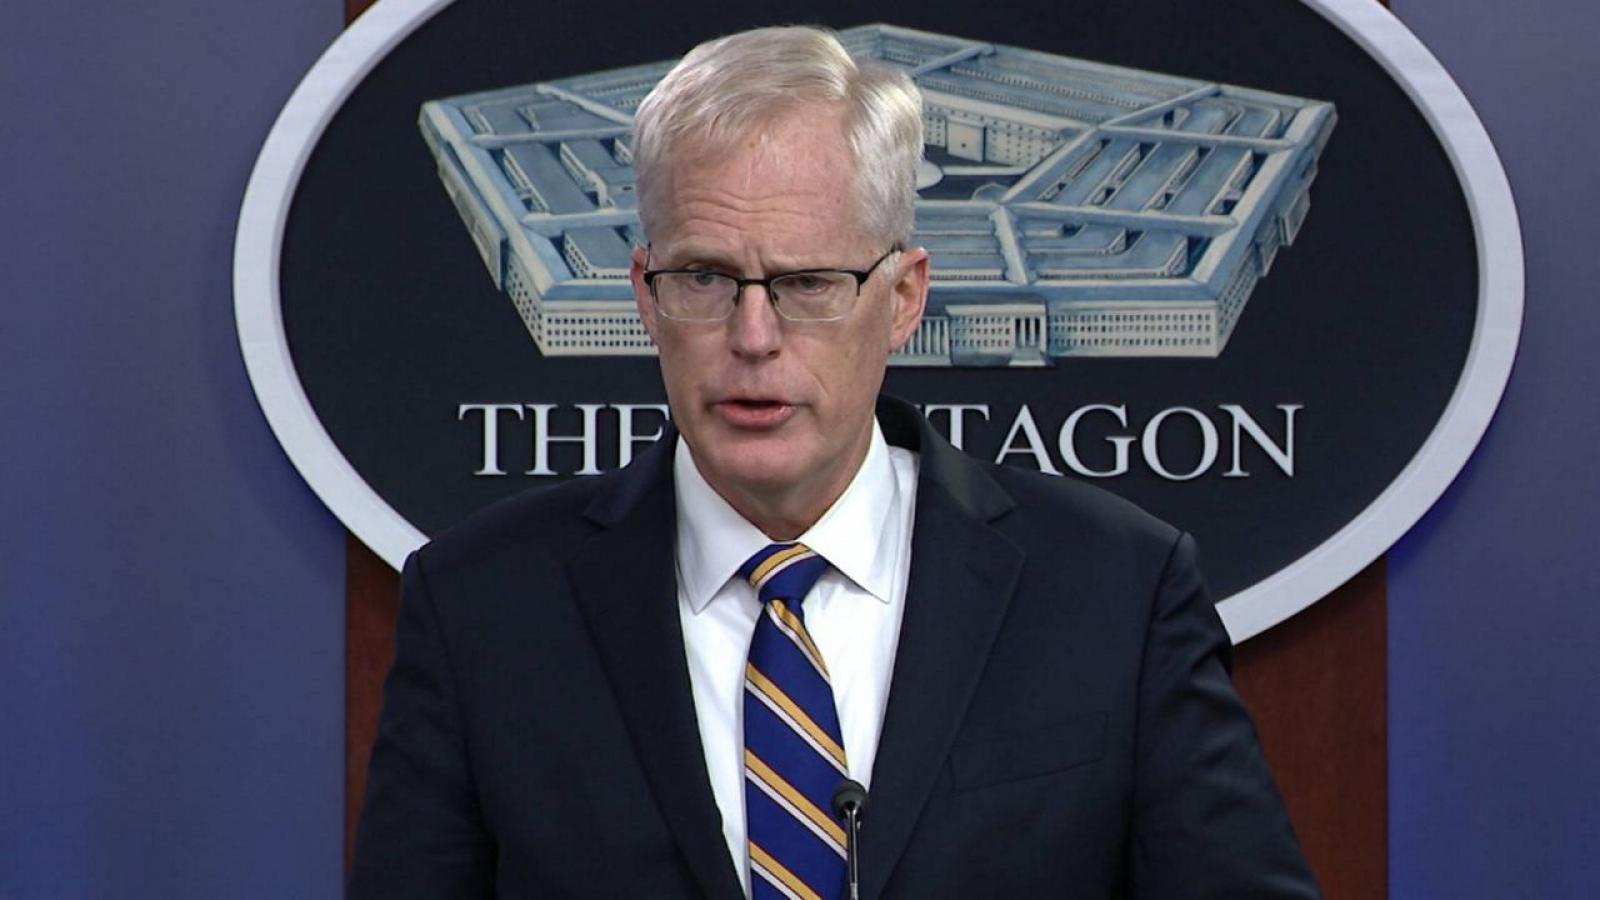 Bộ Quốc phòng Mỹ và đội ngũ của ông Biden mâu thuẫn trong quá trình chuyển giao quyền lực